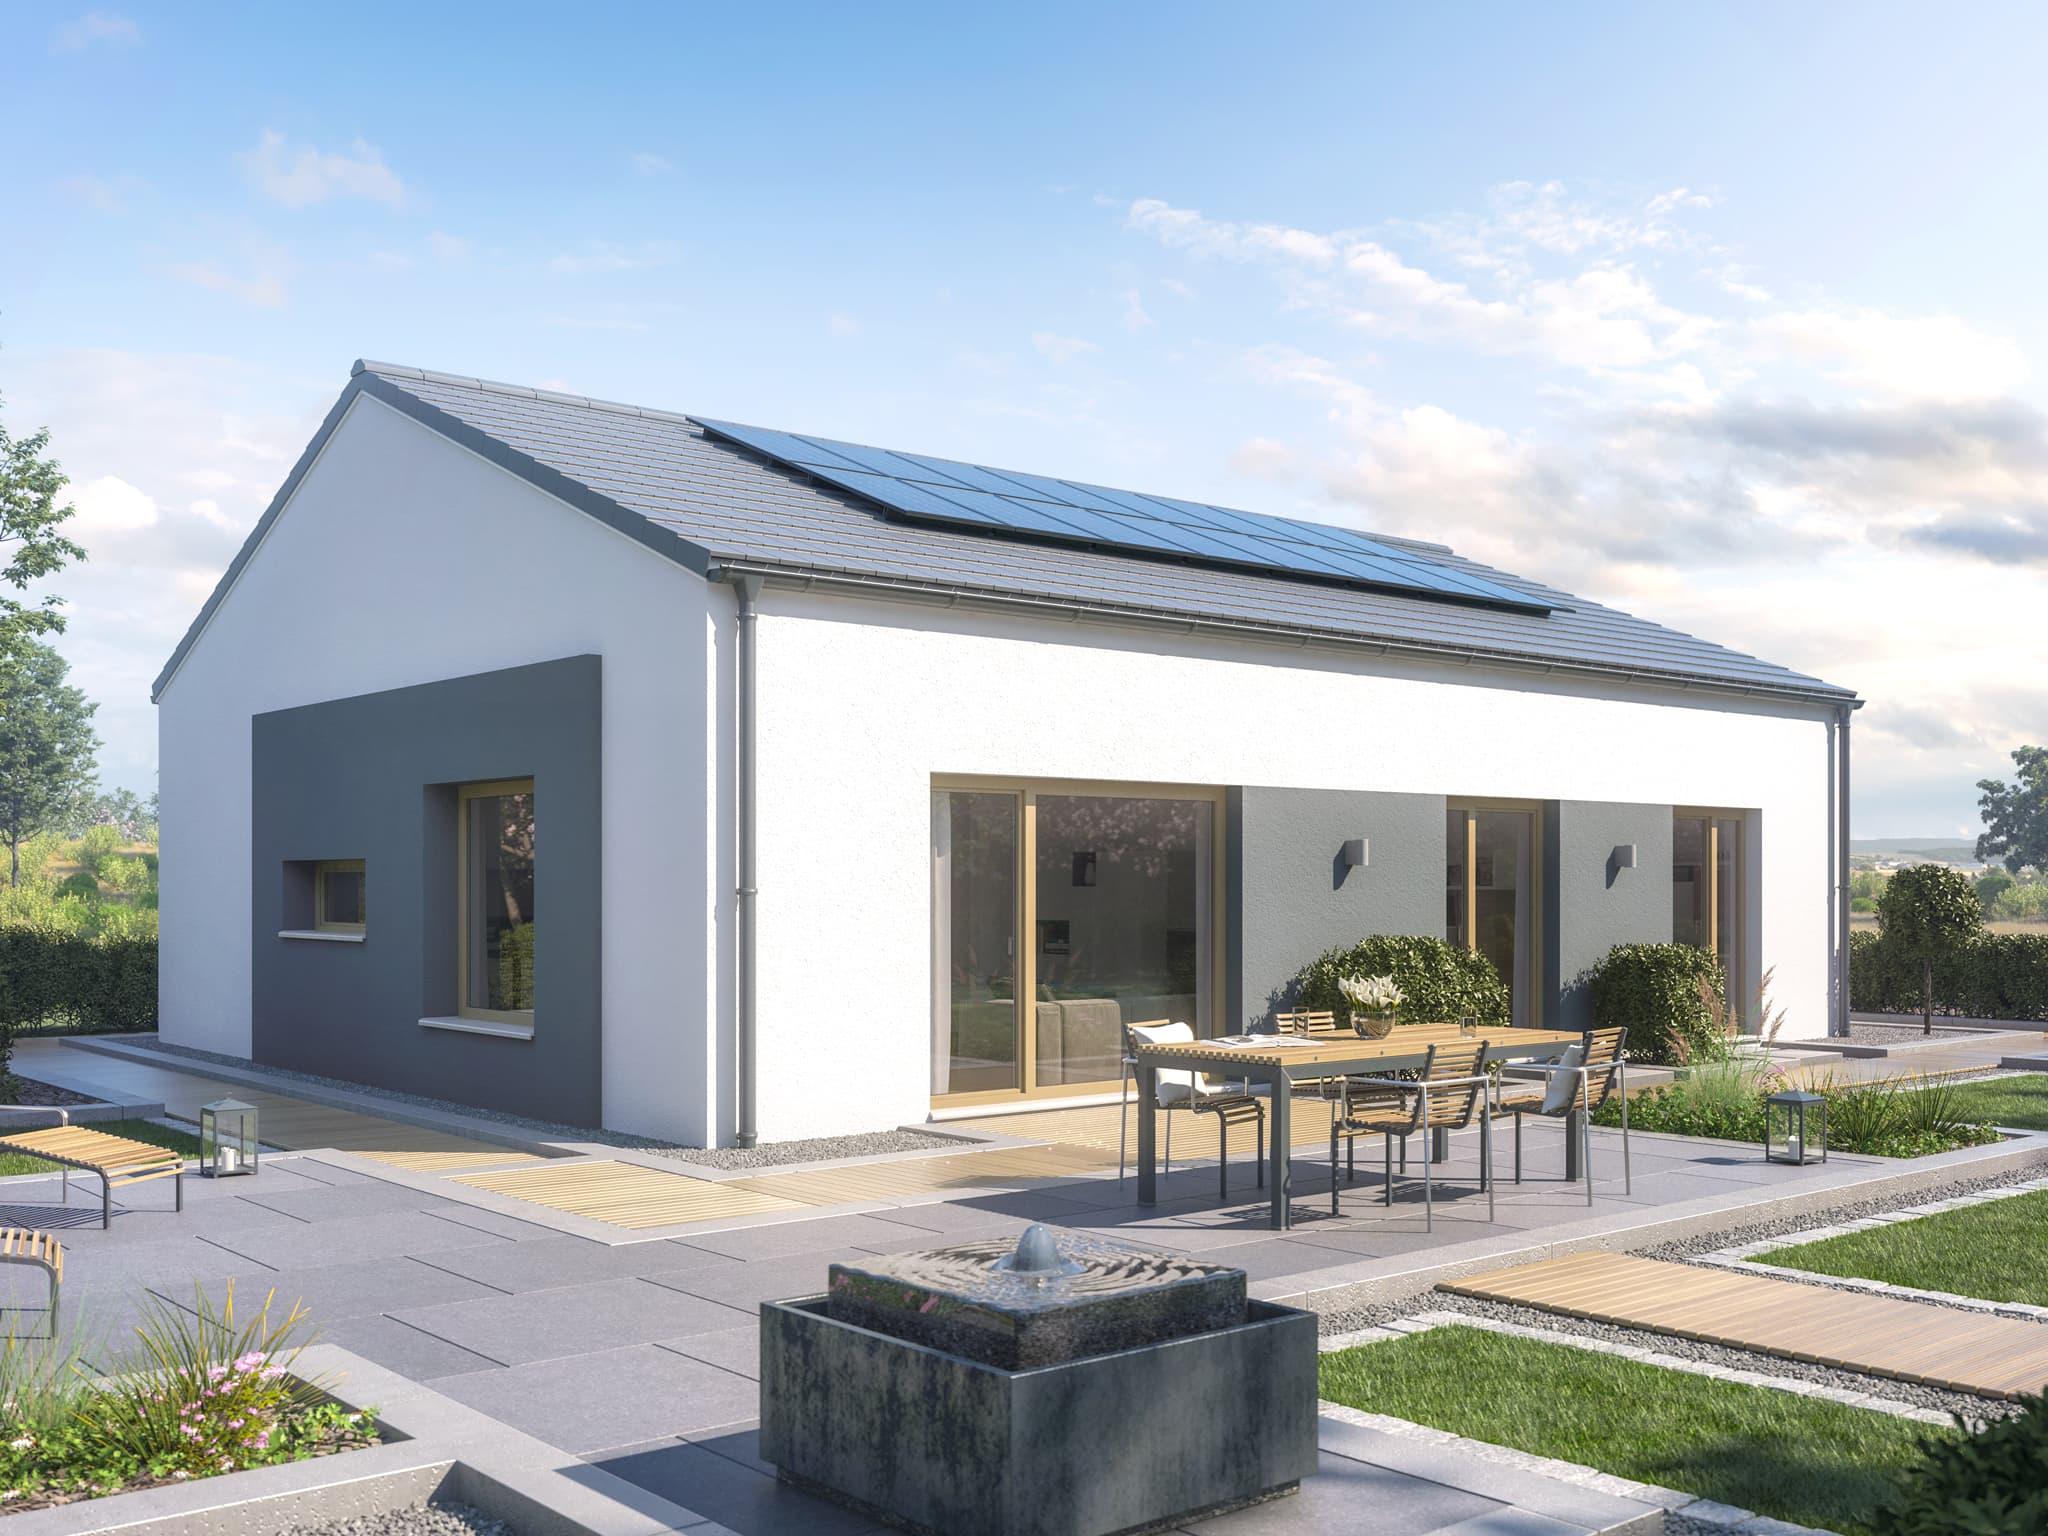 Fertighaus Bungalow modern mit Satteldach Architektur ohne Dachüberstand - Haus ebenerdig bauen Ideen Bungalow AMBIENCE 110 V2 von Bien Zenker - HausbauDirekt.de